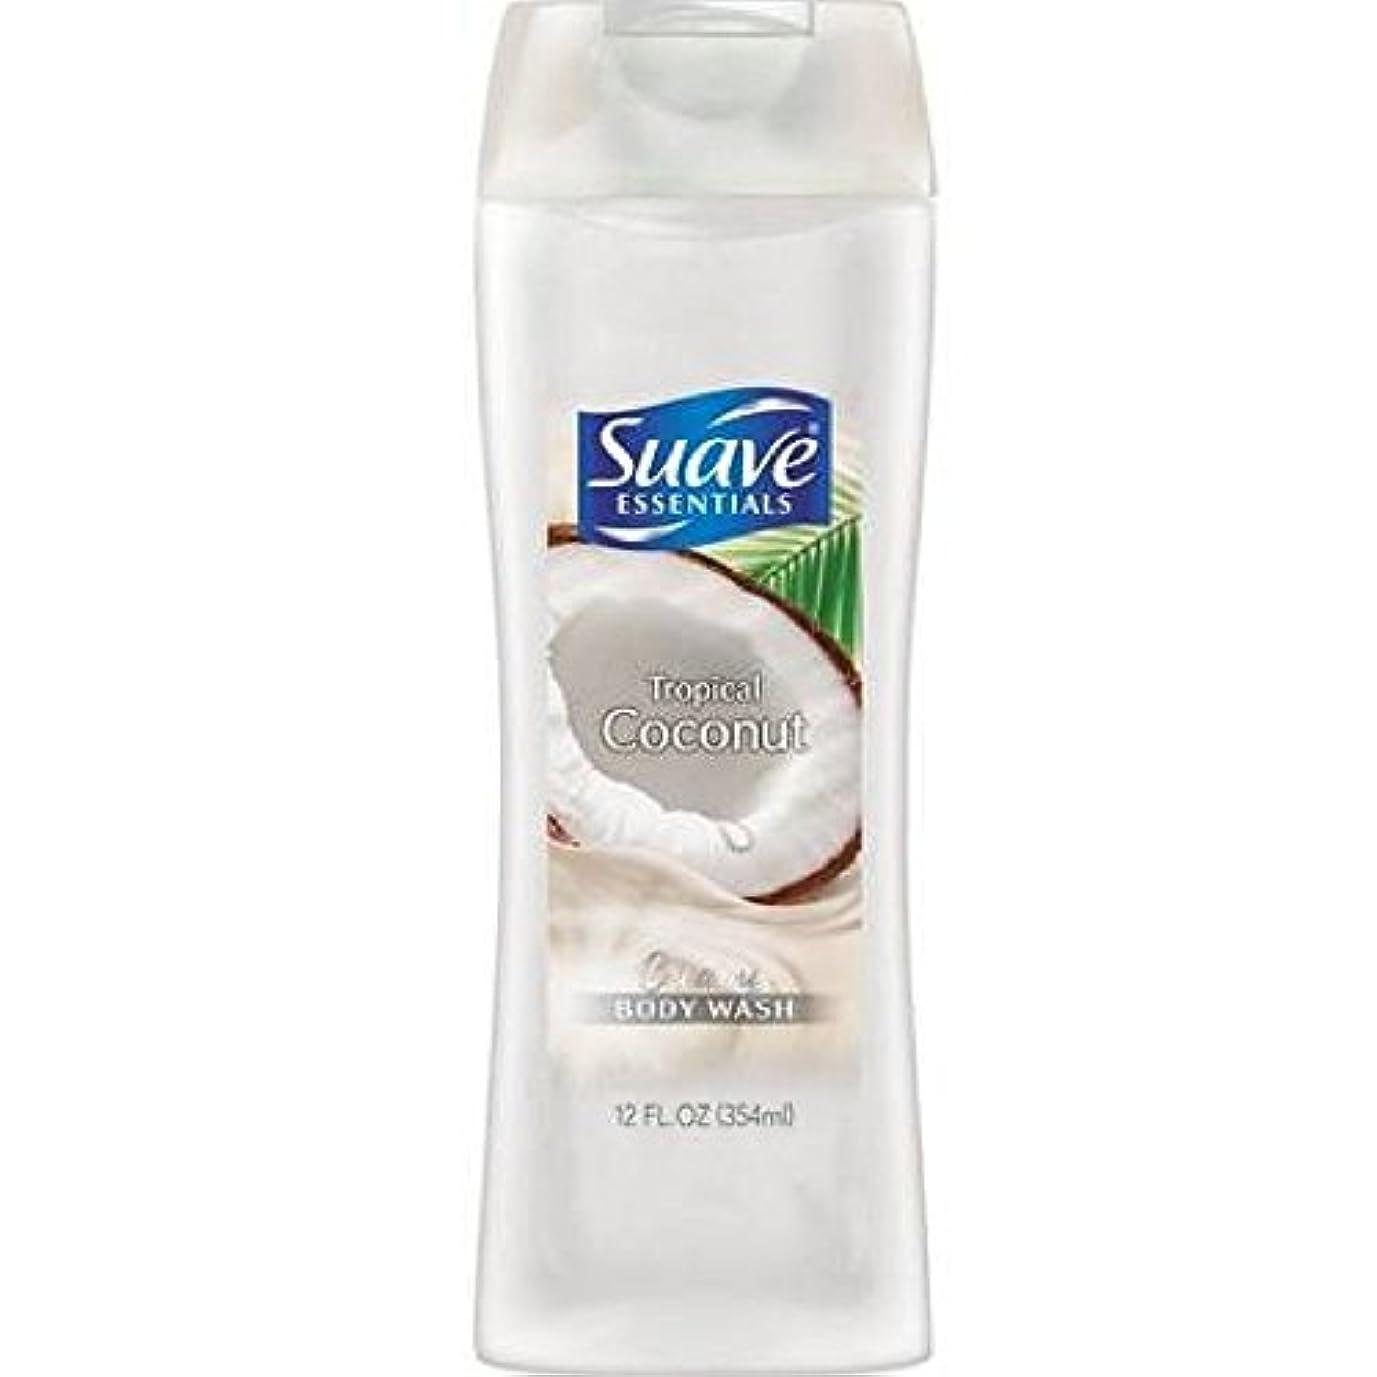 地球ボトルネック数学的なSuave Naturals Body Wash - Tropical Coconut - 12 oz - 2 pk by Suave [並行輸入品]